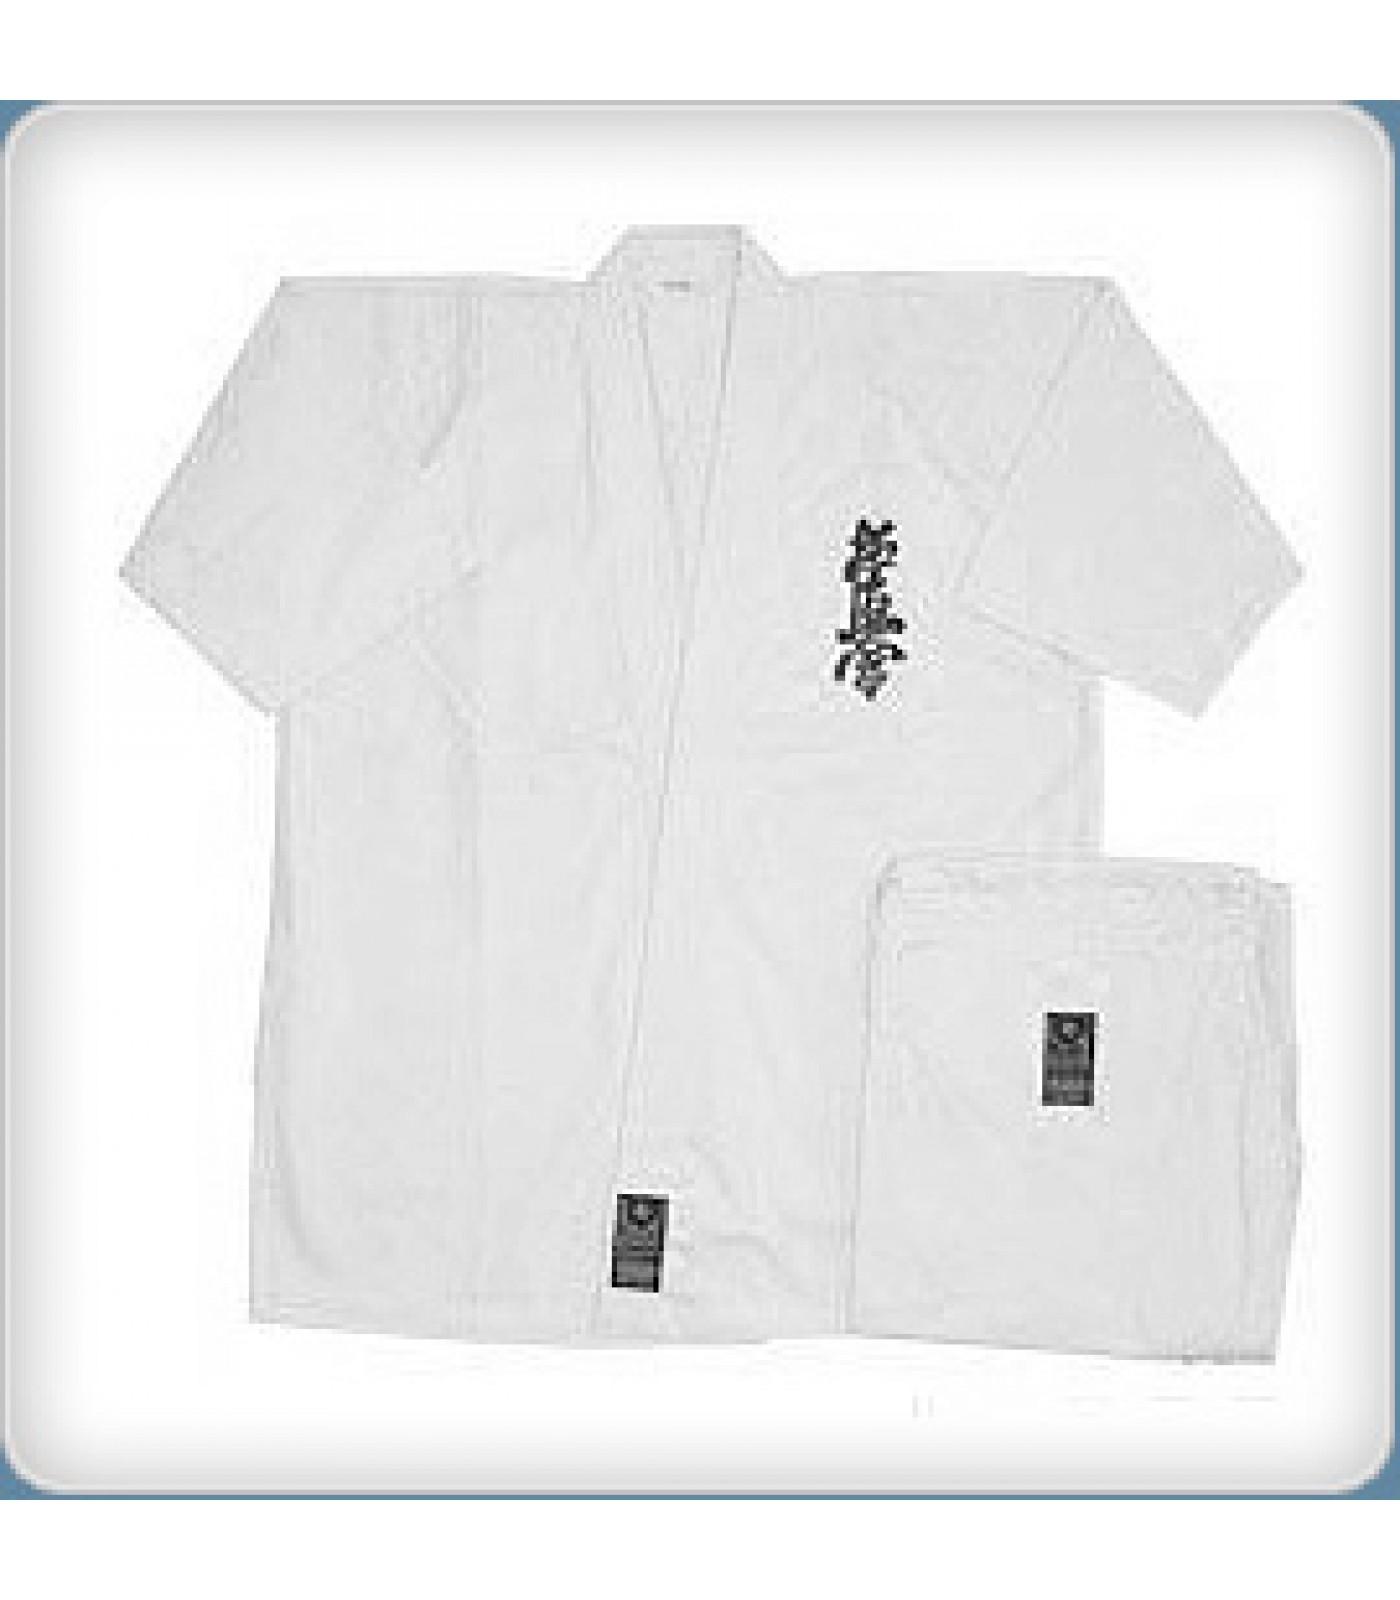 EON Sport - Карате киокушинкай кимоно - 120см.